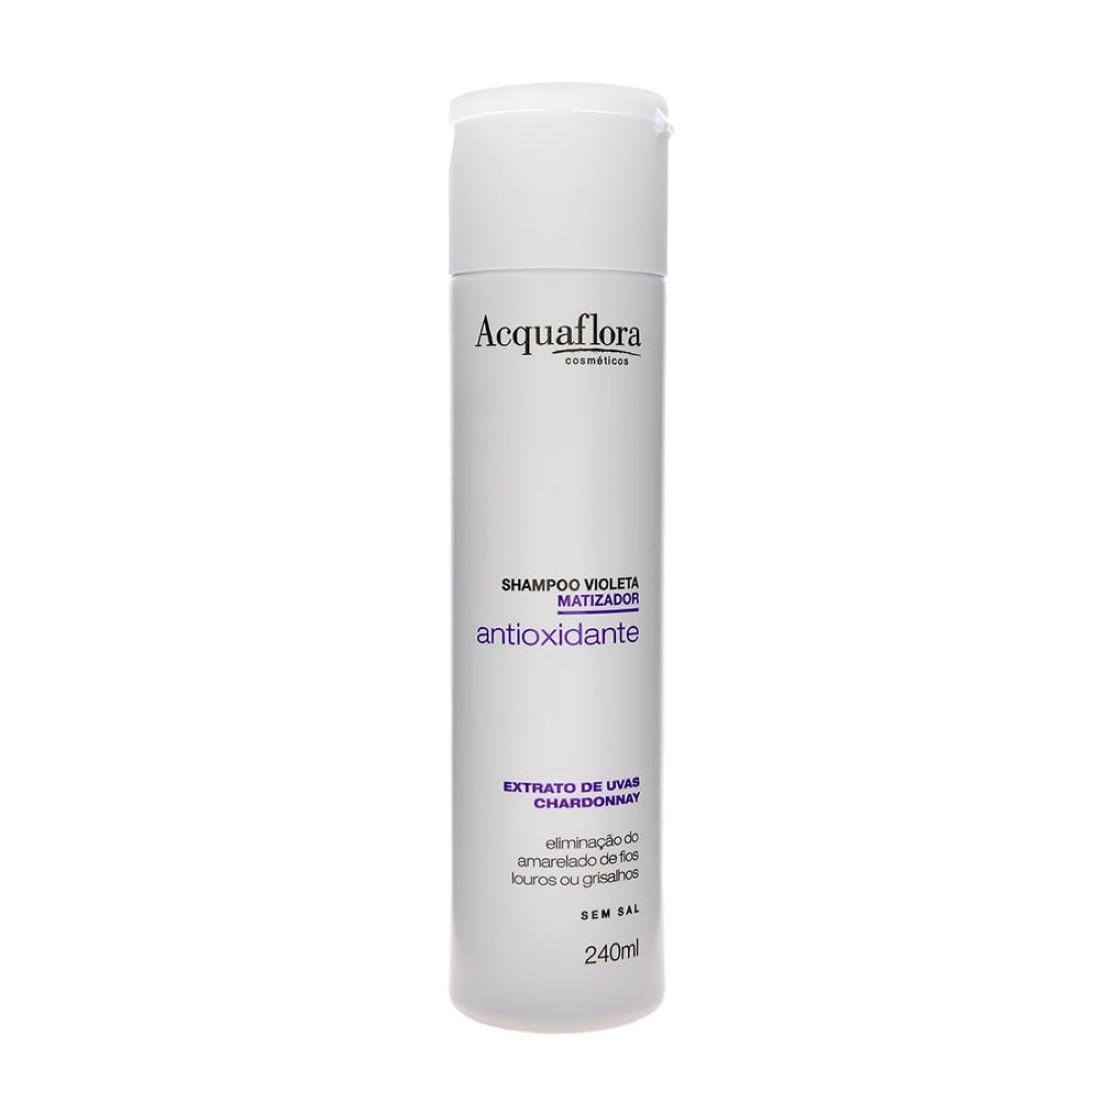 Shampoo Violeta Matizador Antioxidante Sem Sal 240ml - Acquaflora